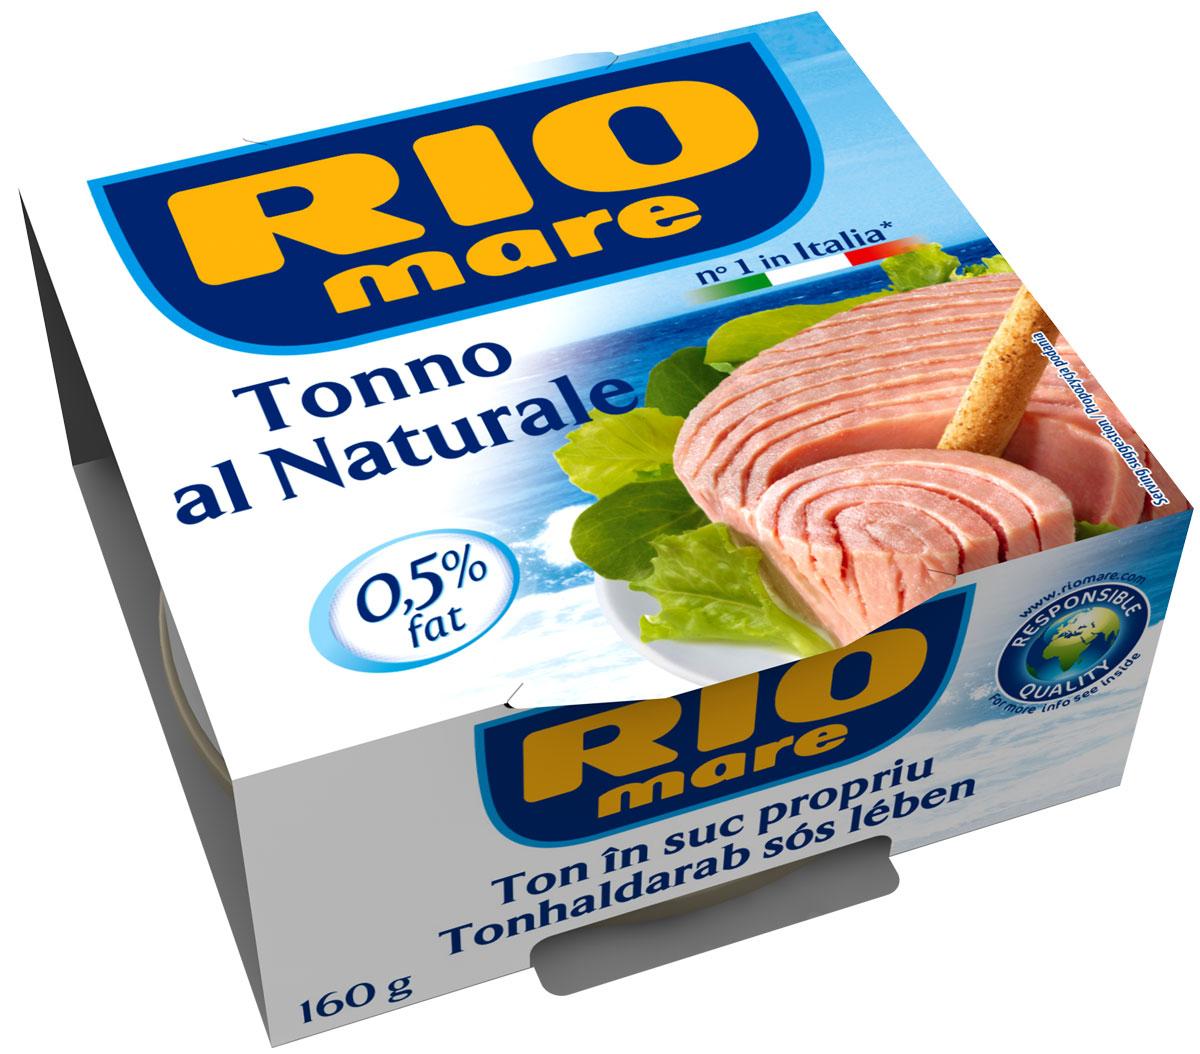 Rio Mare тунец в собственном соку, 160 г0120710Тунец в собственном соку всегда был самым популярным консервированным продуктом в Италии. Уникальный, ни с чем не сравнимый вкус тунца Rio Mare, обладающего розовым цветом и неизменным качеством. Высокое качество продукта обеспечивается за счет соблюдения строгого контроля и тщательного выполнения процессов обработки. Продукт идеален для приготовления различных блюд, от закусок до салатов из свежих овощей и питательных салатов.